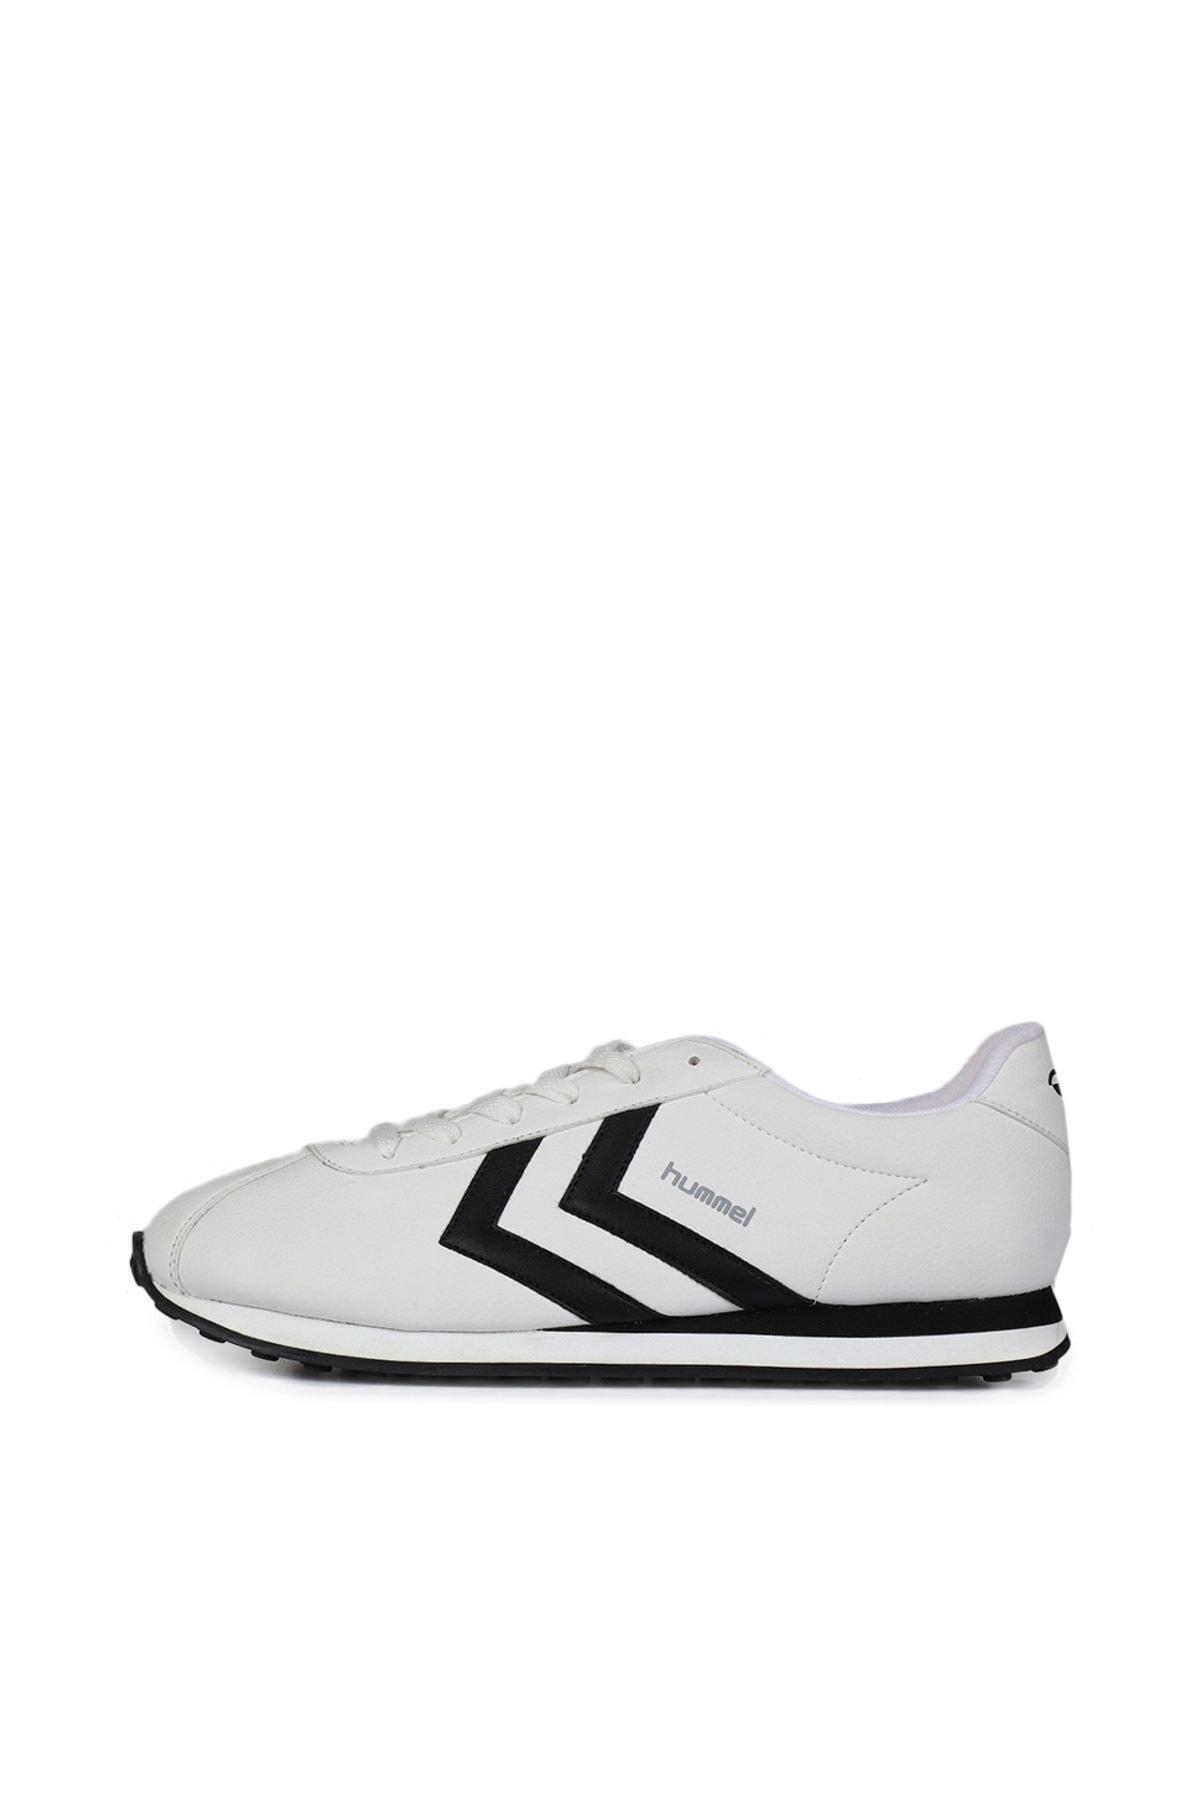 HUMMEL Unisex Beyaz Bağcıklı Koşu Antreman Ayakkabısı 2